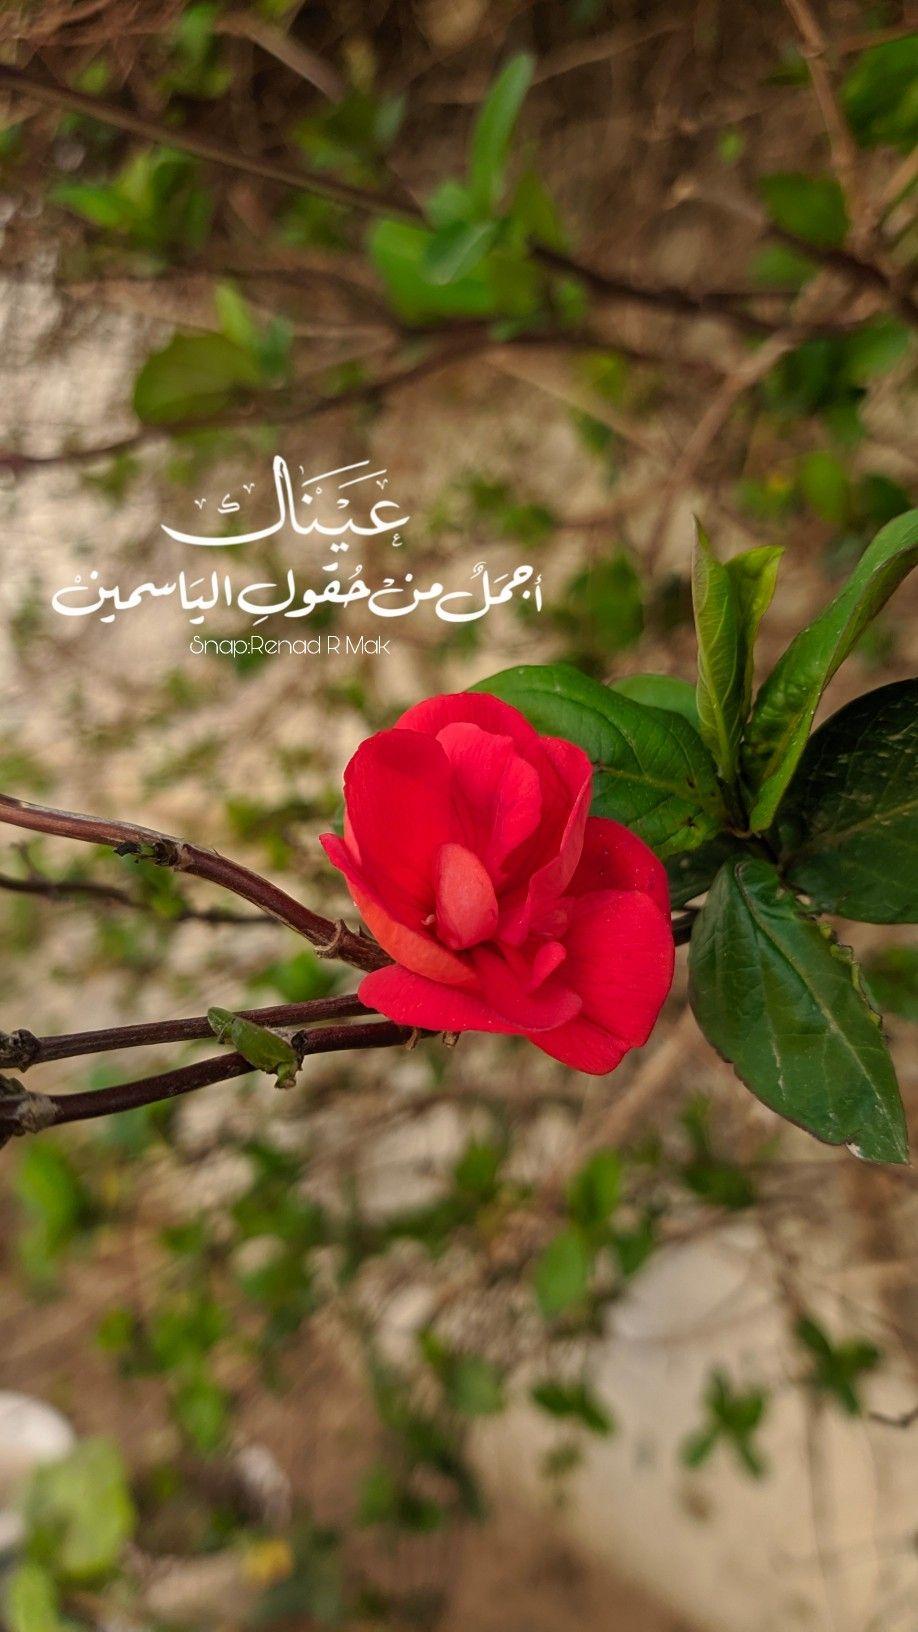 عيناك اجمل من حقول الياسمين سناباتي تصويري سنابات Flowers Plants Rose